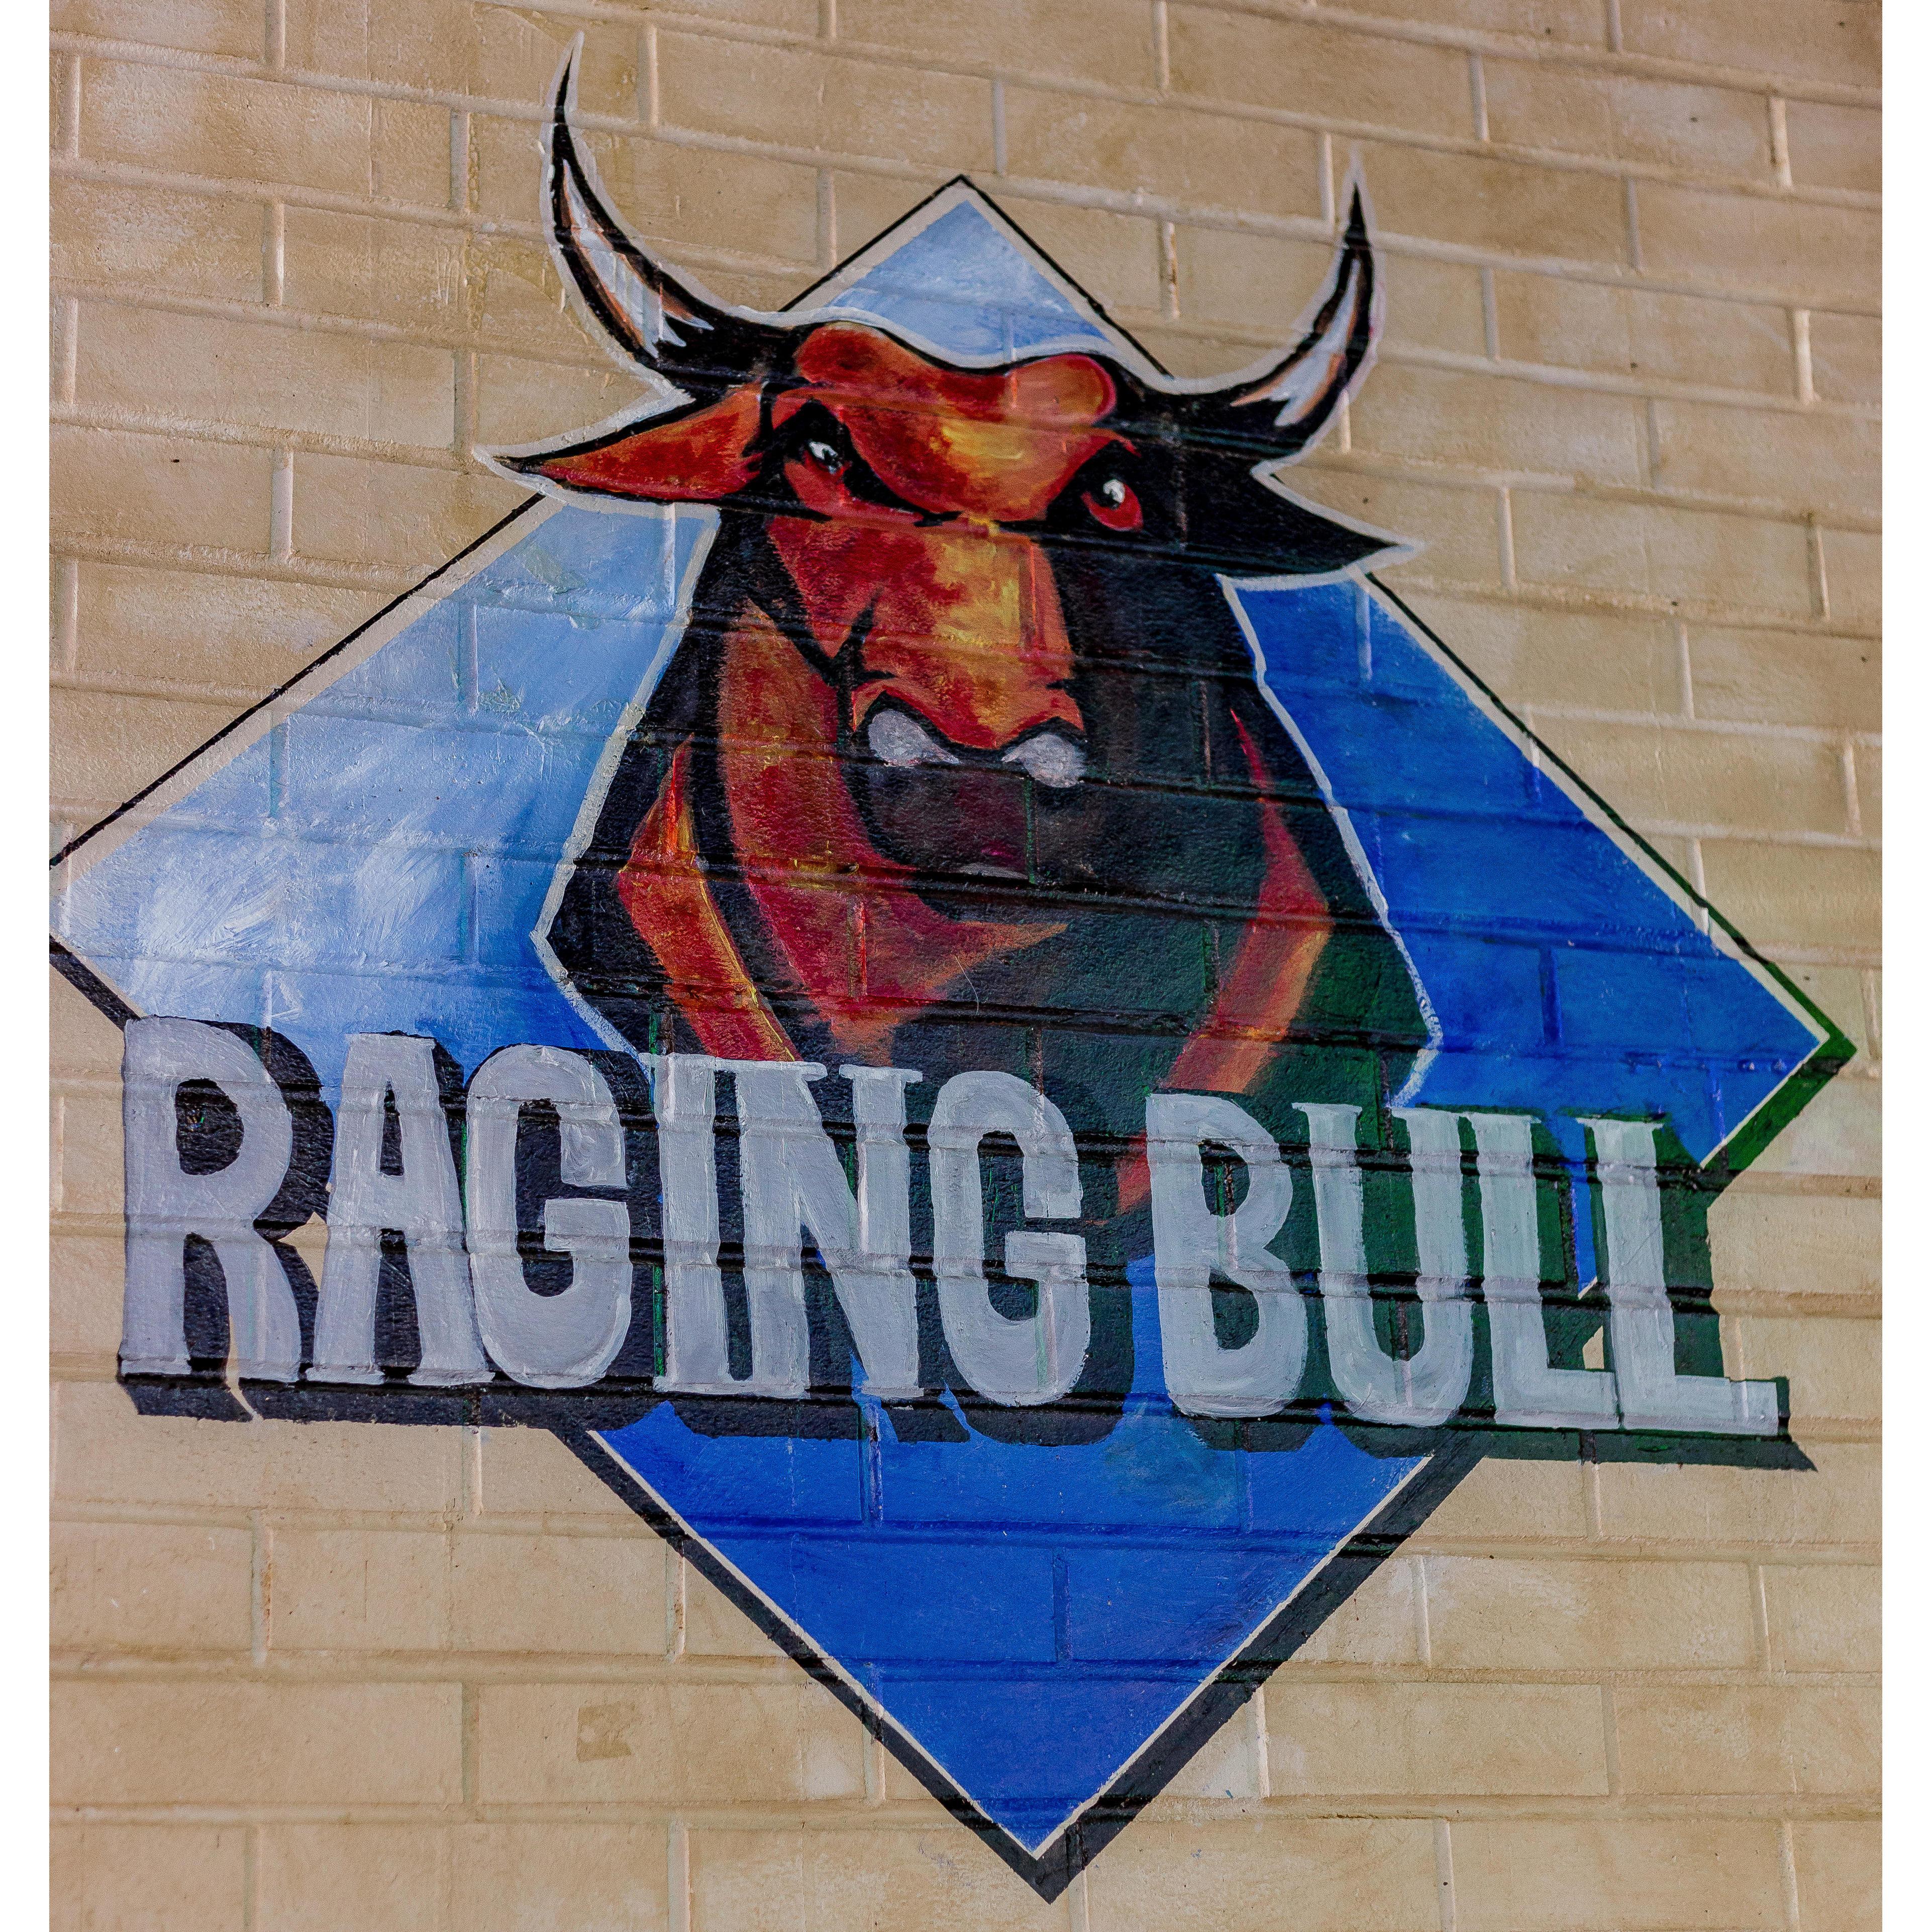 Raging Bull Steakhouse & Sports Bar